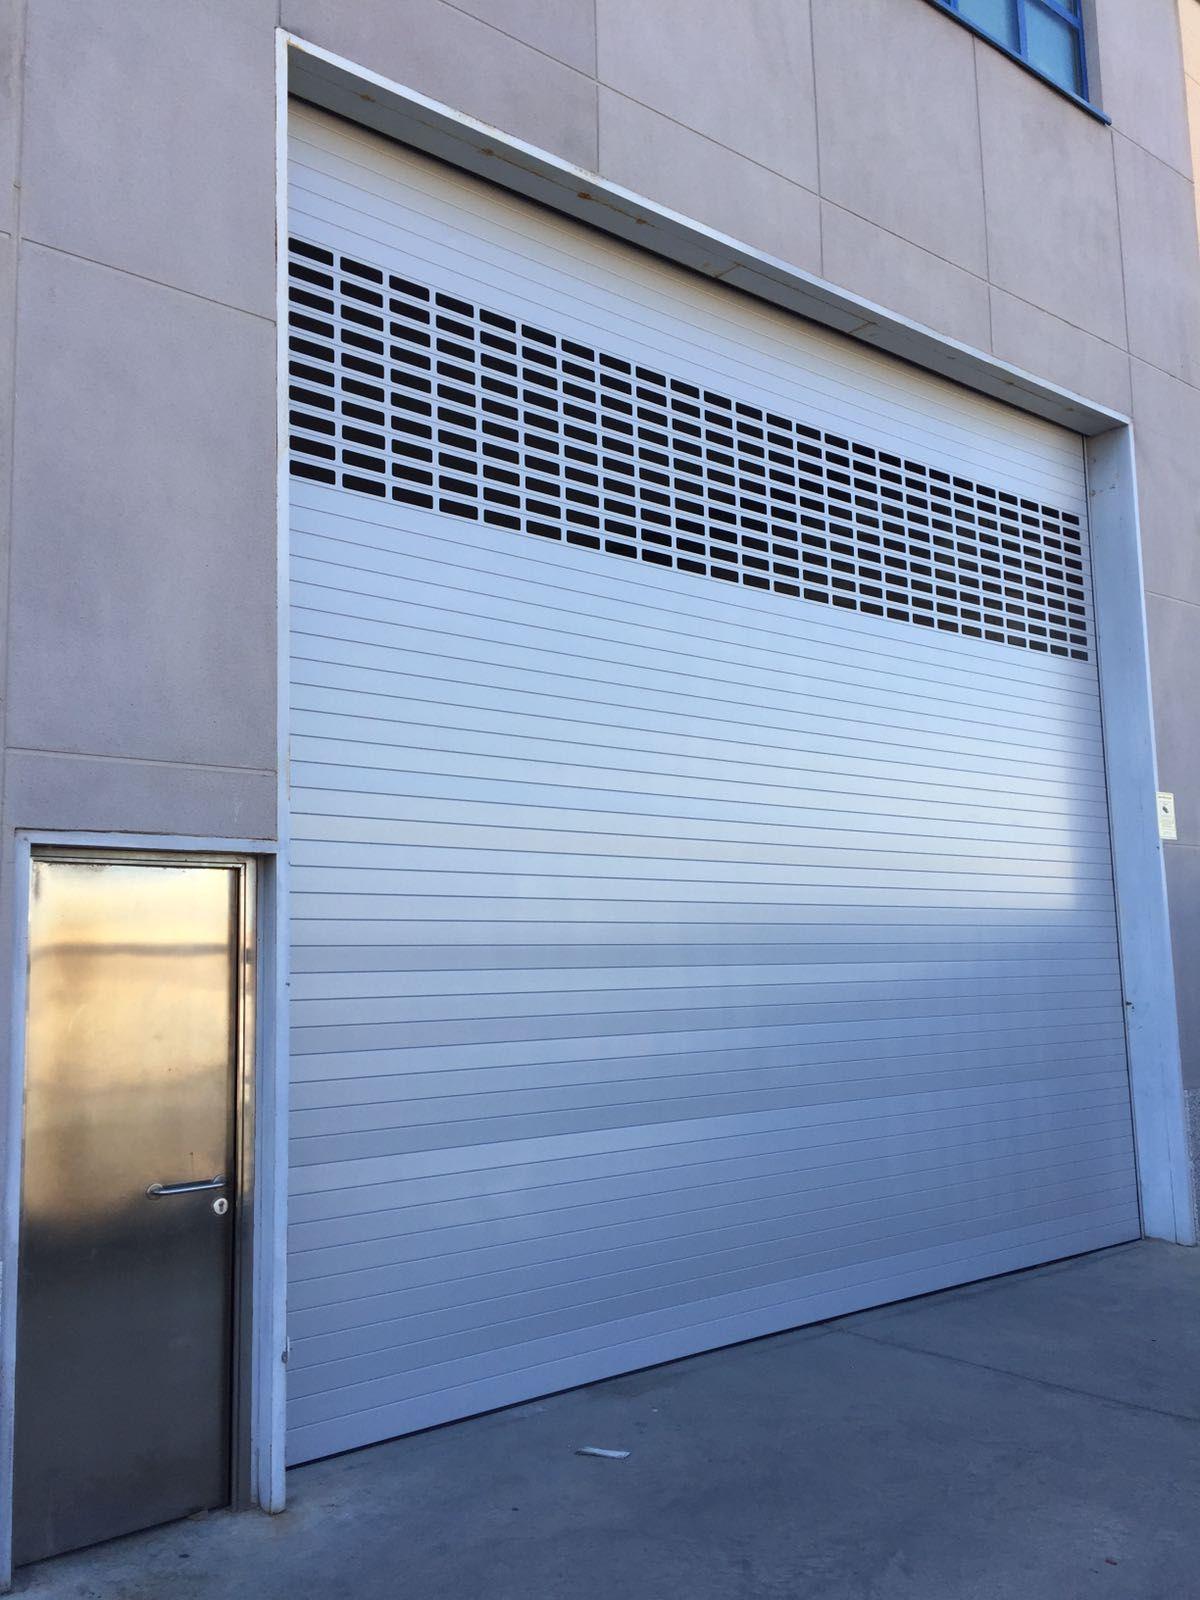 Puerta Enrollable De Exterior Mixta Puertas Enrollables Puertas Automaticas Puertas De Aluminio